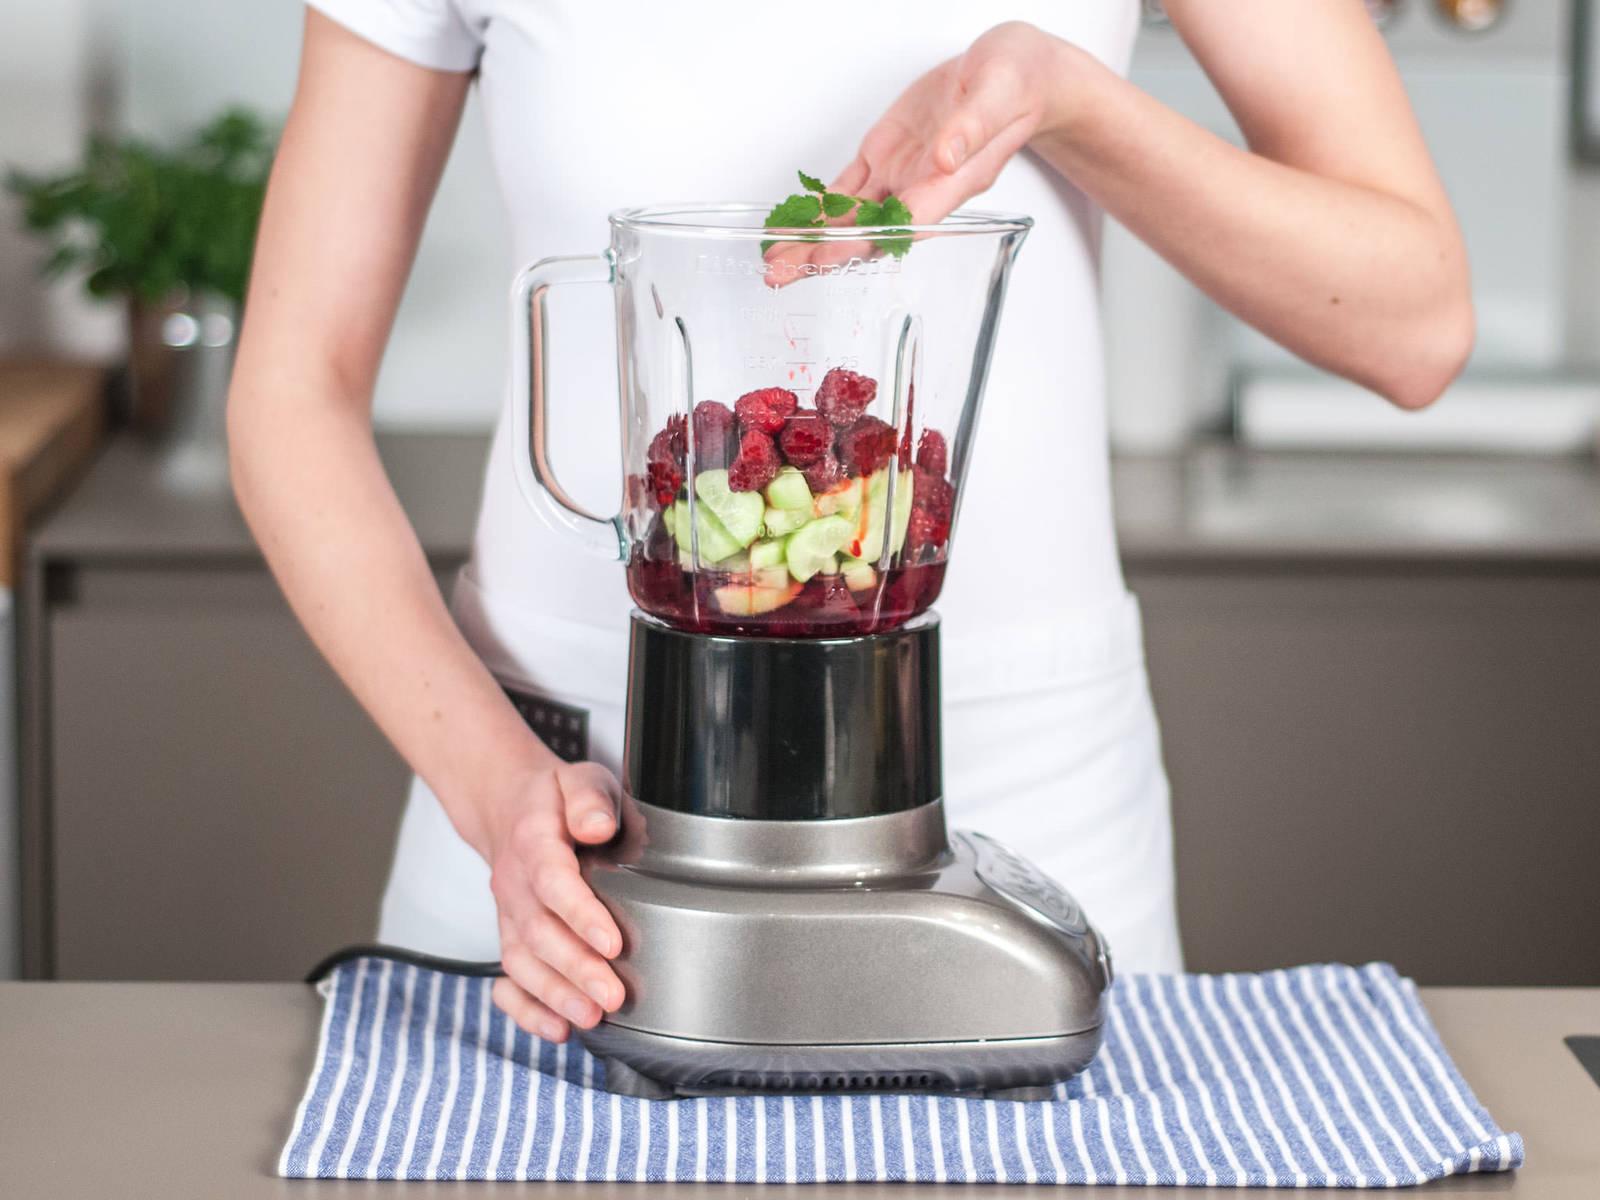 将黄瓜、红甜菜、冰冻覆盆子、龙舌兰糖浆与水加入搅拌机中。摘取薄荷叶,加入搅拌机中。